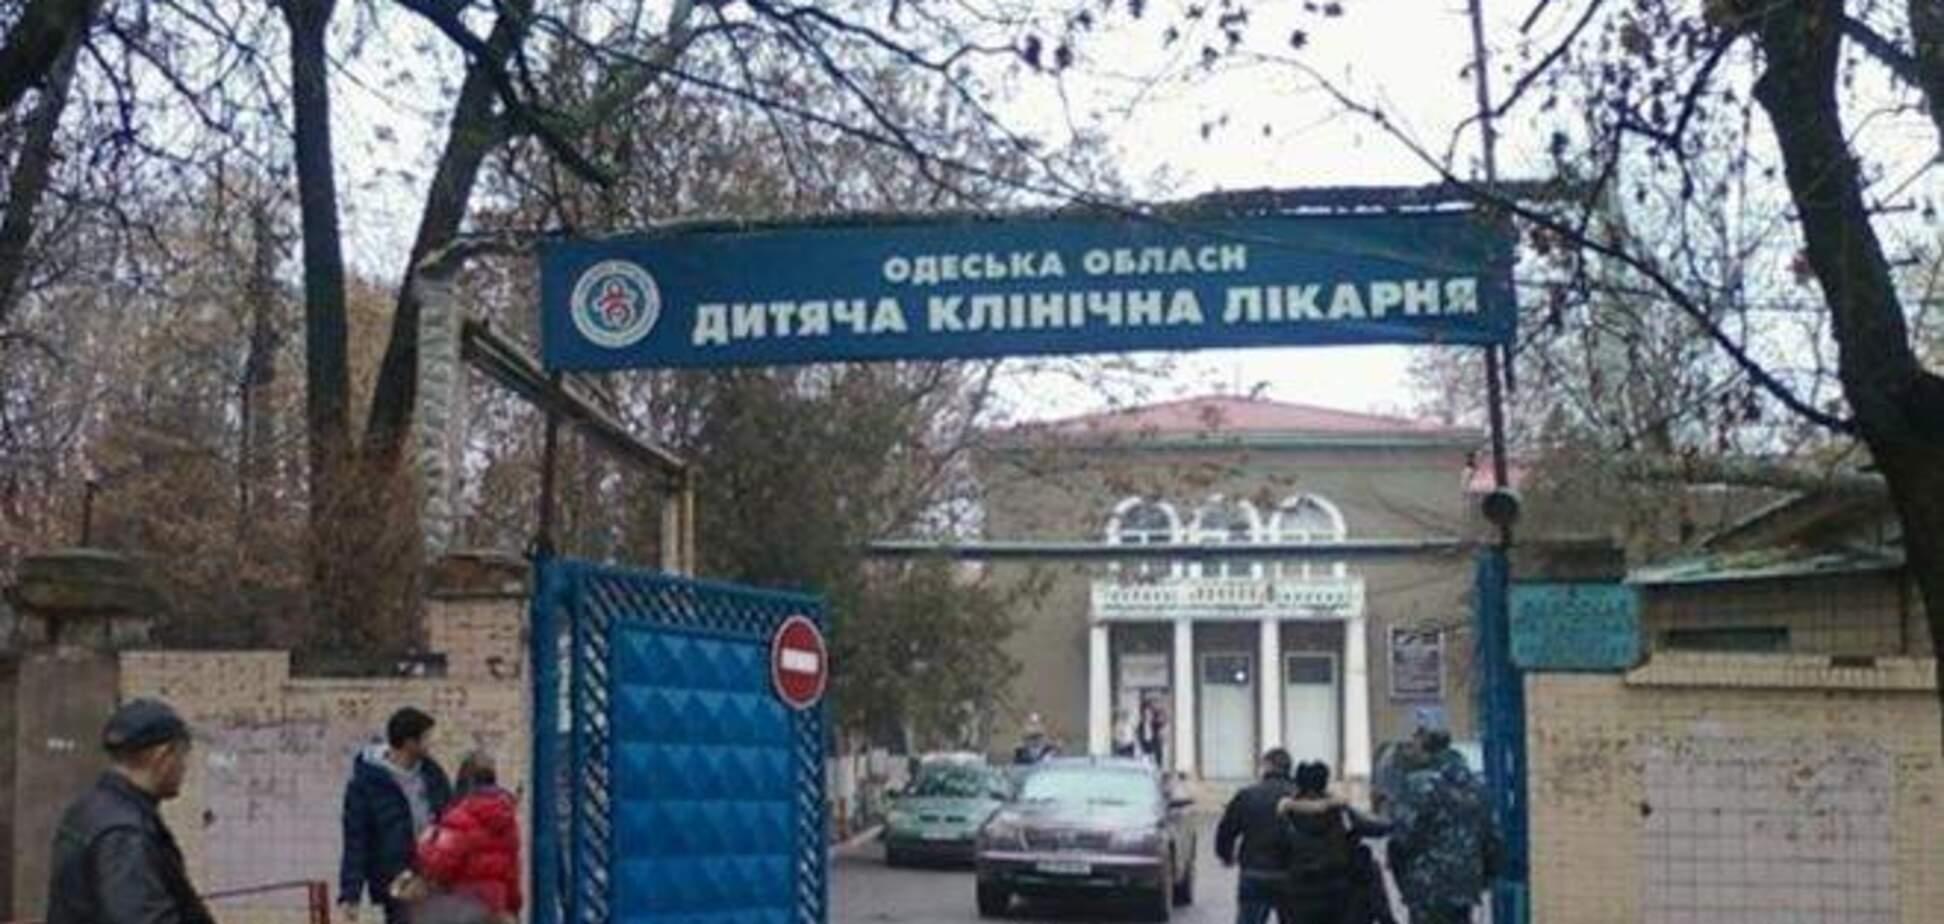 Пациентов Одесской детской облбольницы выгнали из-за 'минирования'